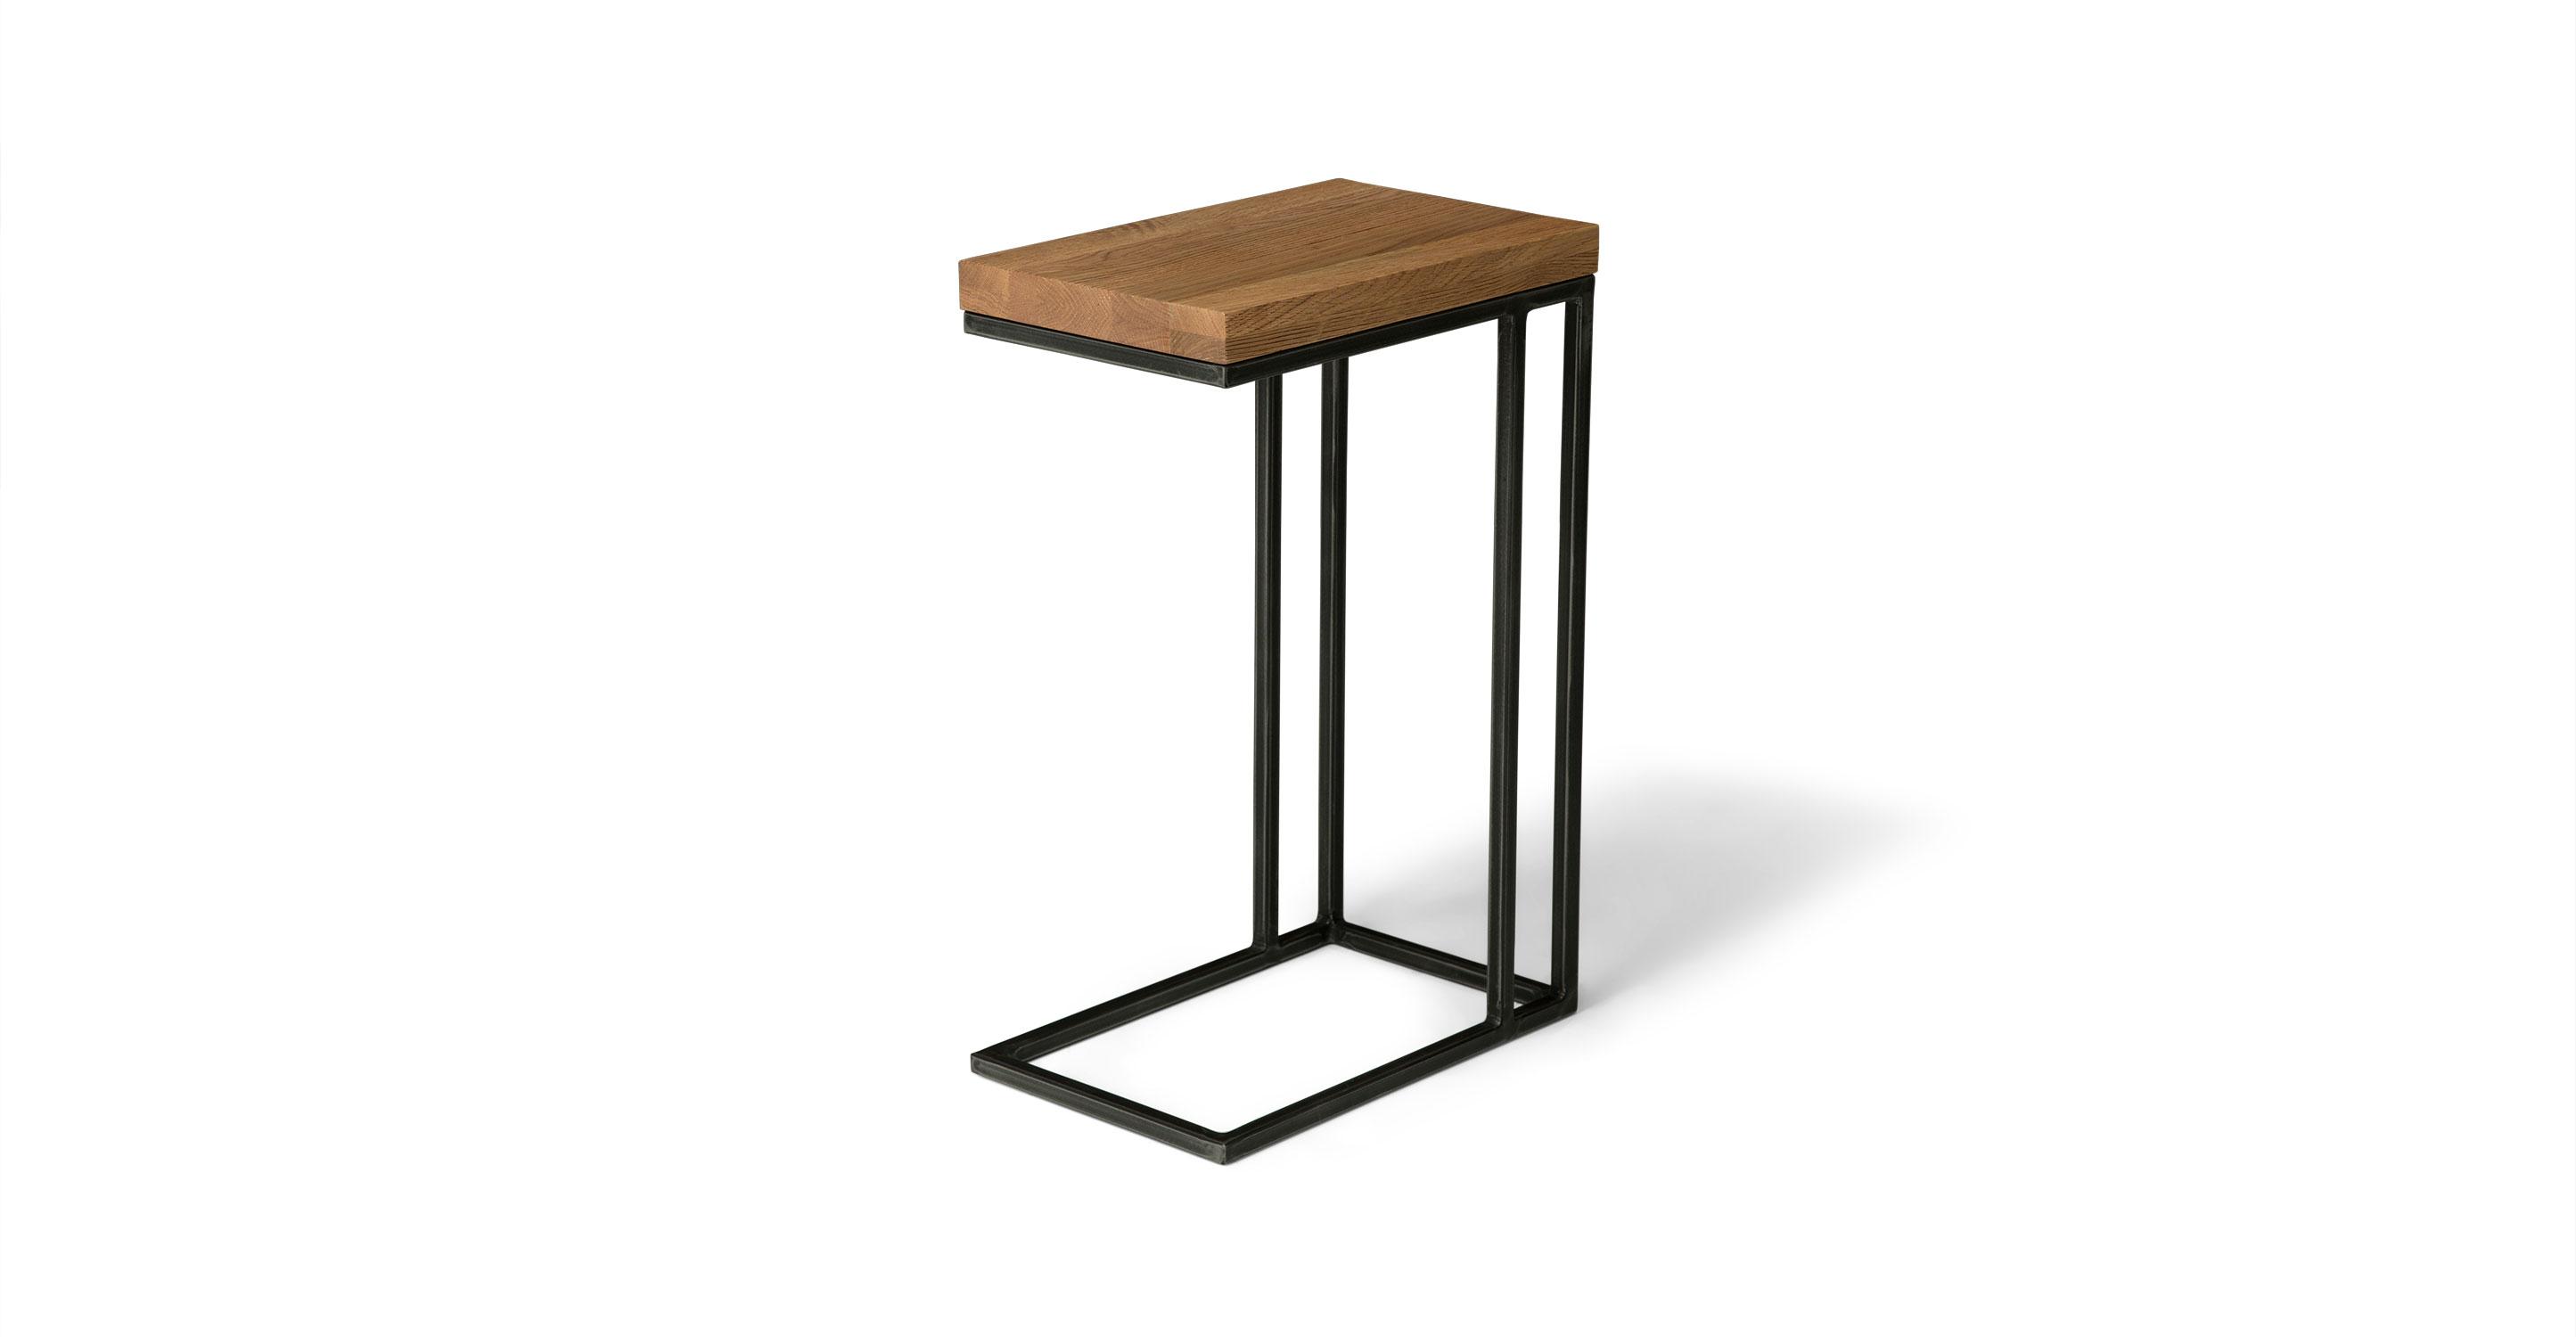 Taiga Oak Side Table